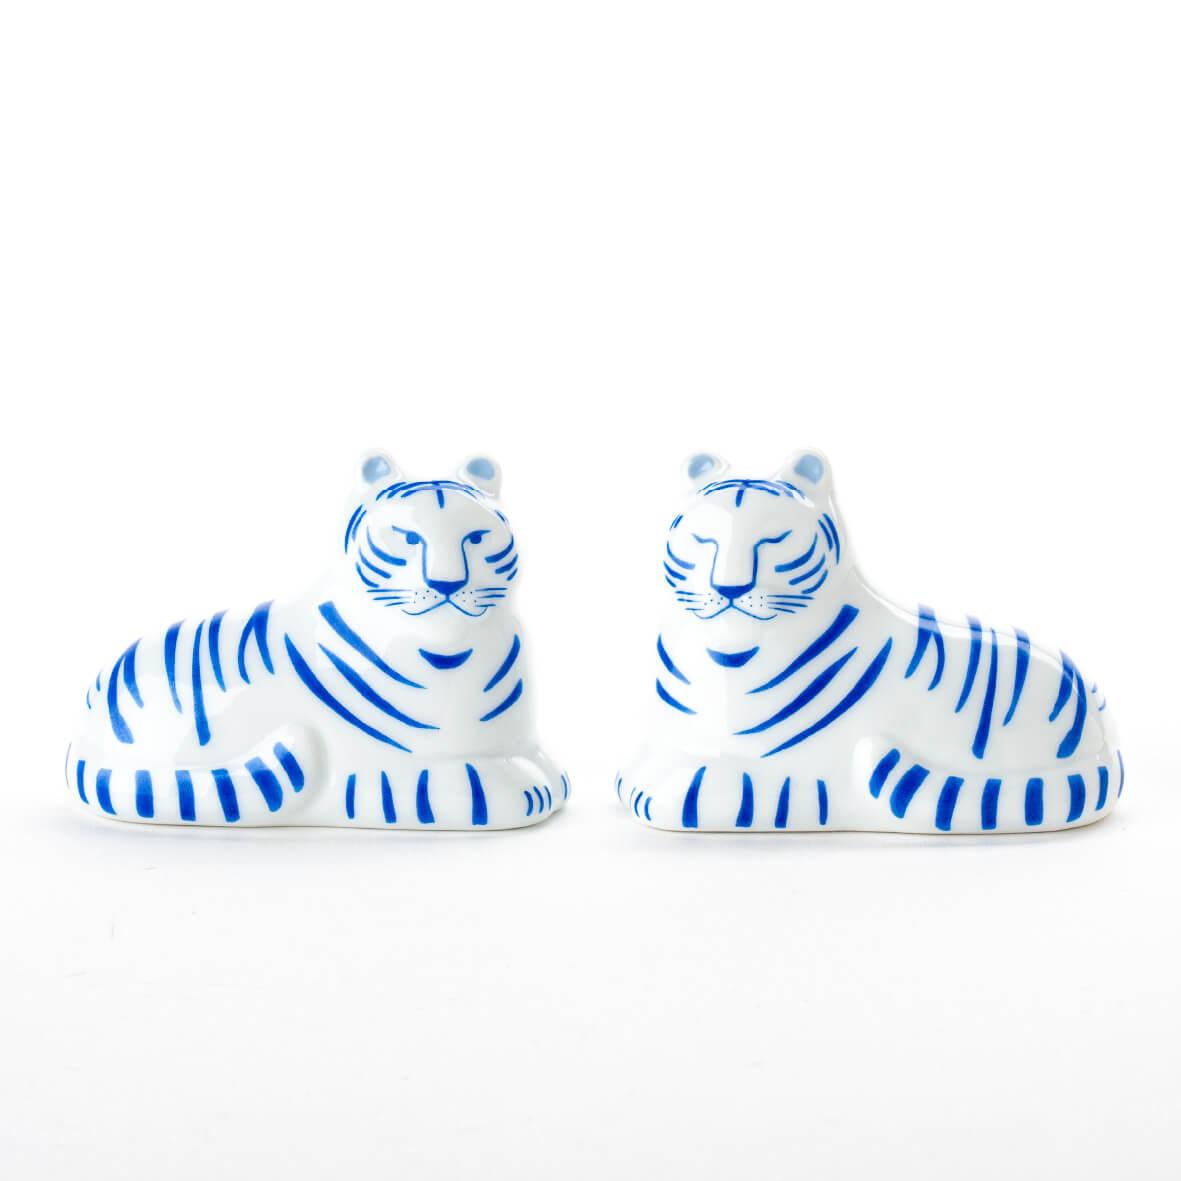 虎の置物「にっぽんのとらセット(あおい)」 by リサ・ラーソン